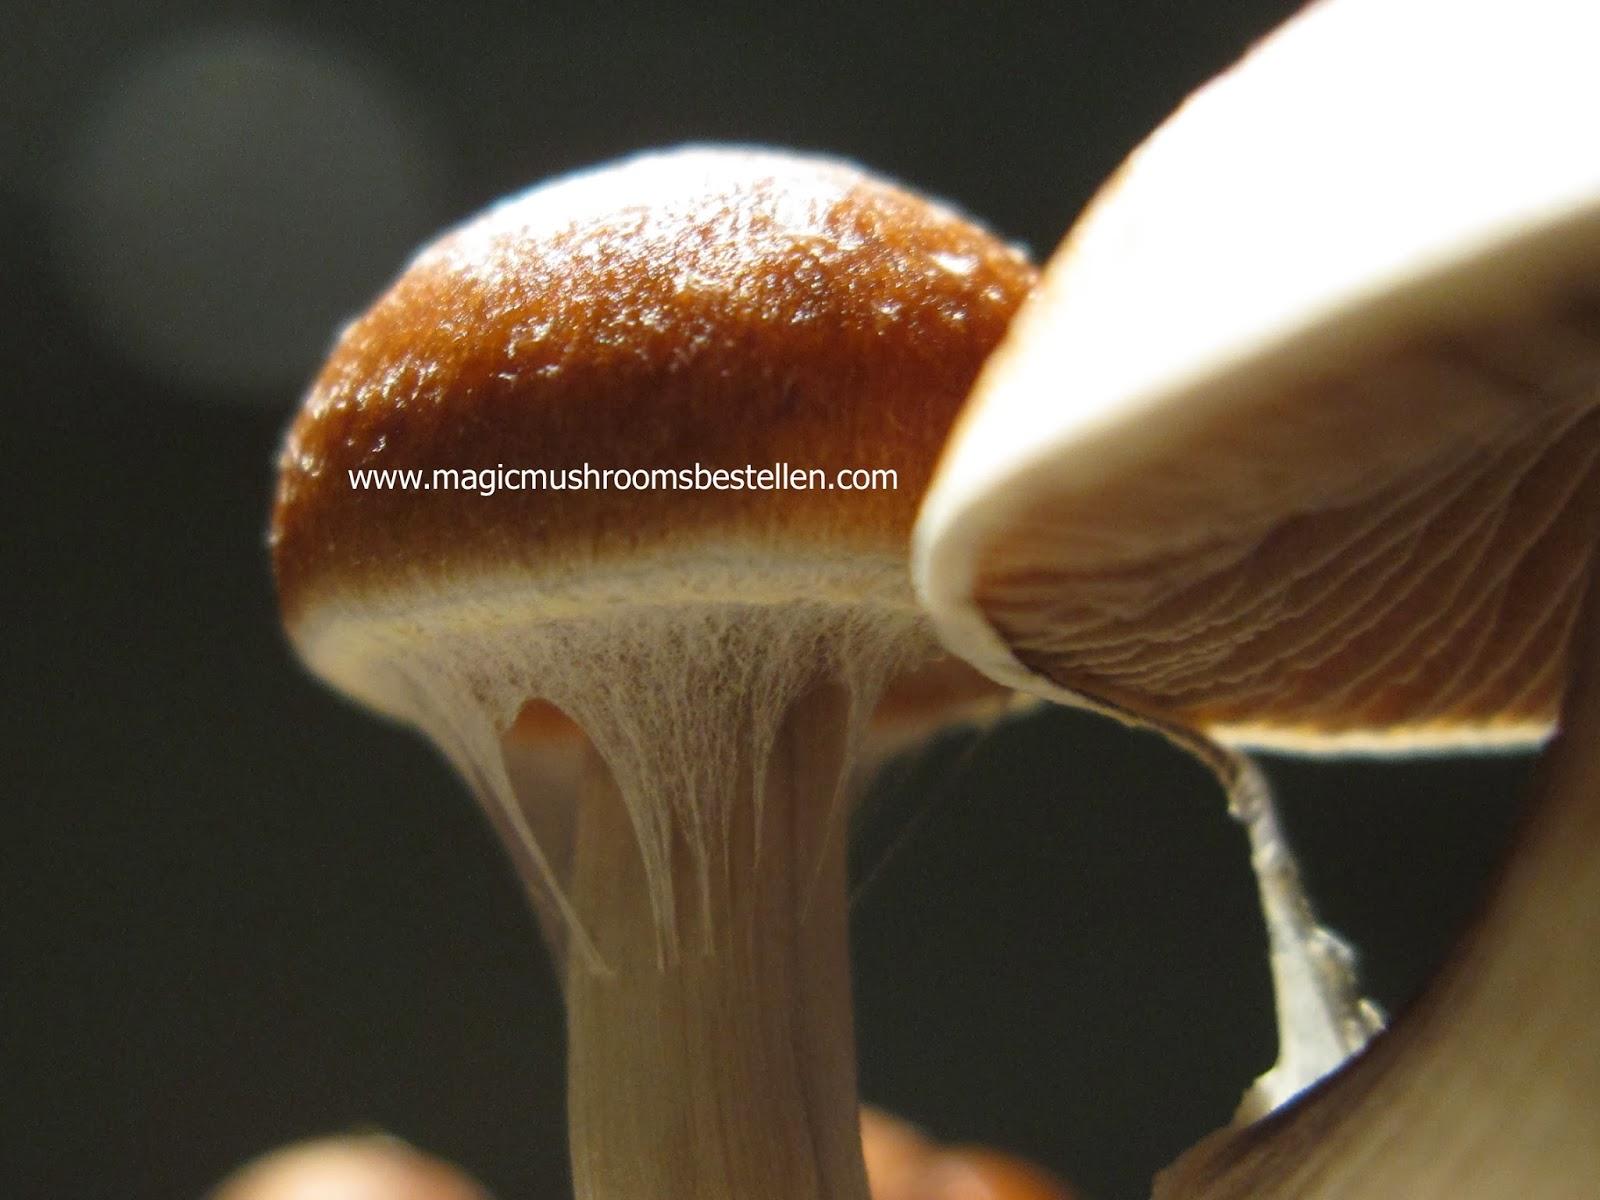 deine eigenen Magic Mushrooms in nur wenigen Wochen  2014